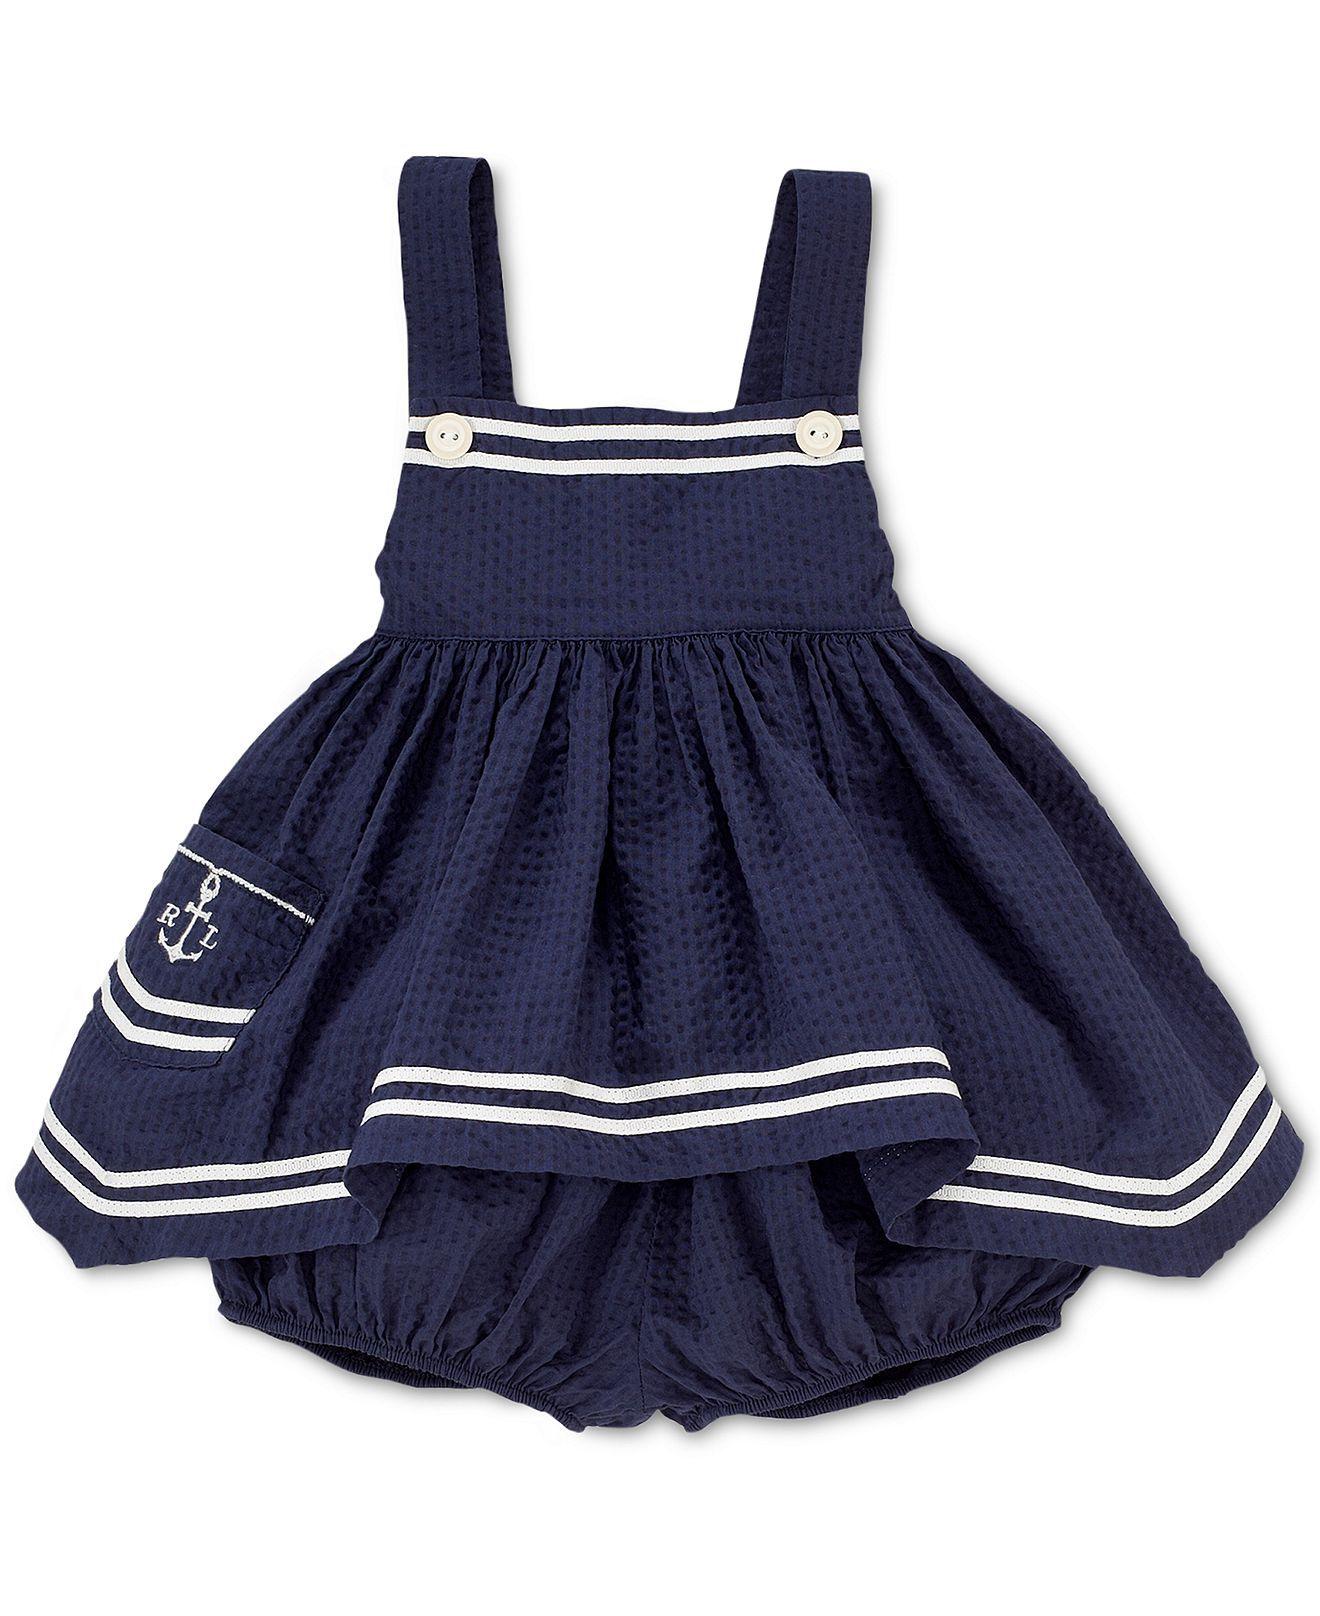 Ralph Lauren Baby Set Baby Girls Nautical Hankerchief